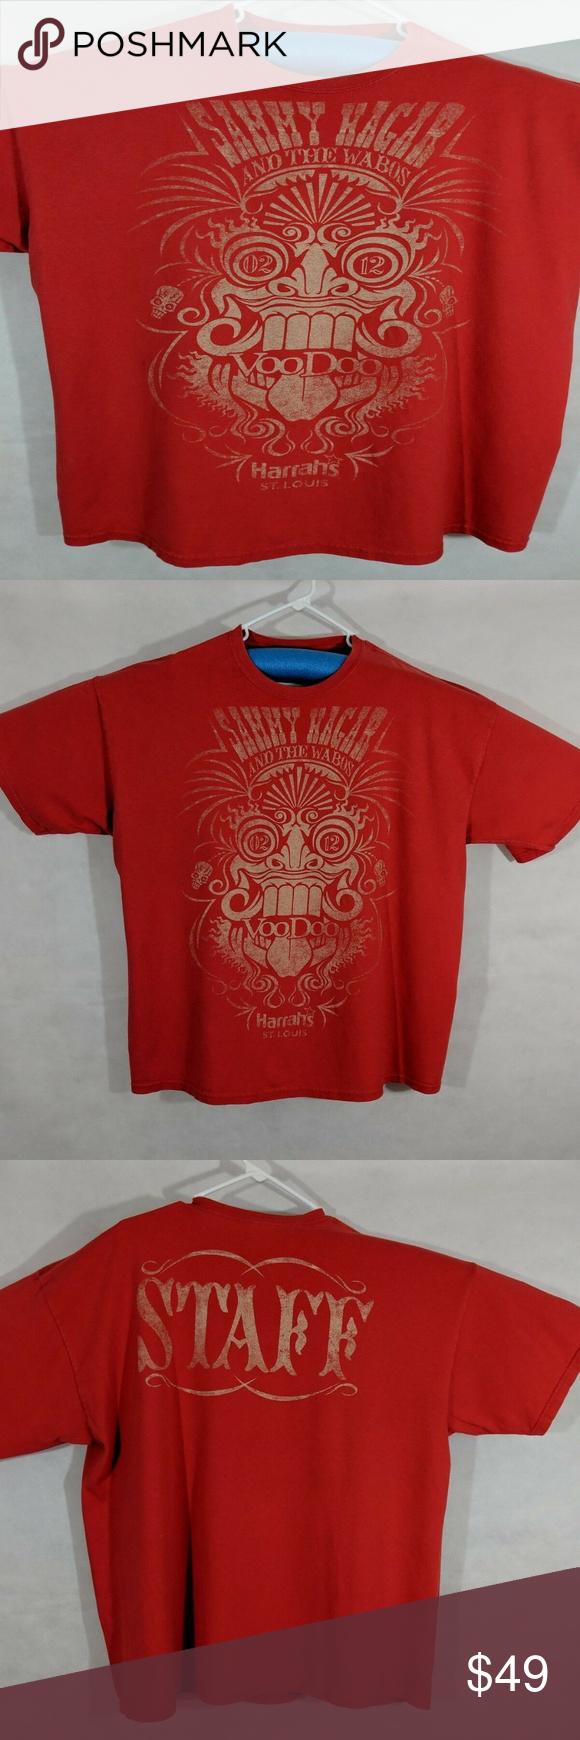 Sammy Hagar Wabos Voodoo 2012 St Louis Clothes Design Red Rocker Fashion